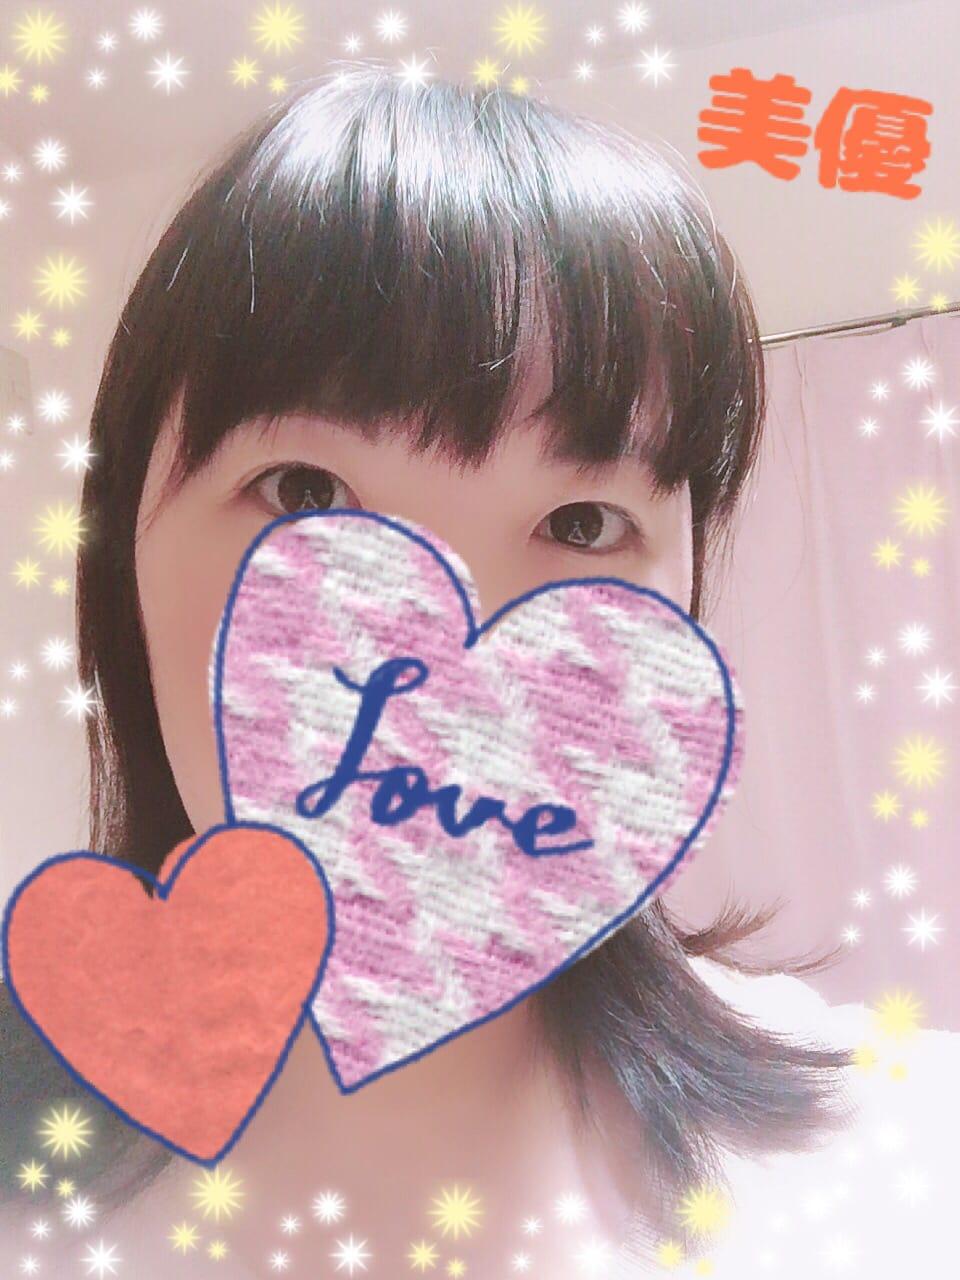 美優(みゆ)「お礼♡♡」03/19(月) 18:38 | 美優(みゆ)の写メ・風俗動画